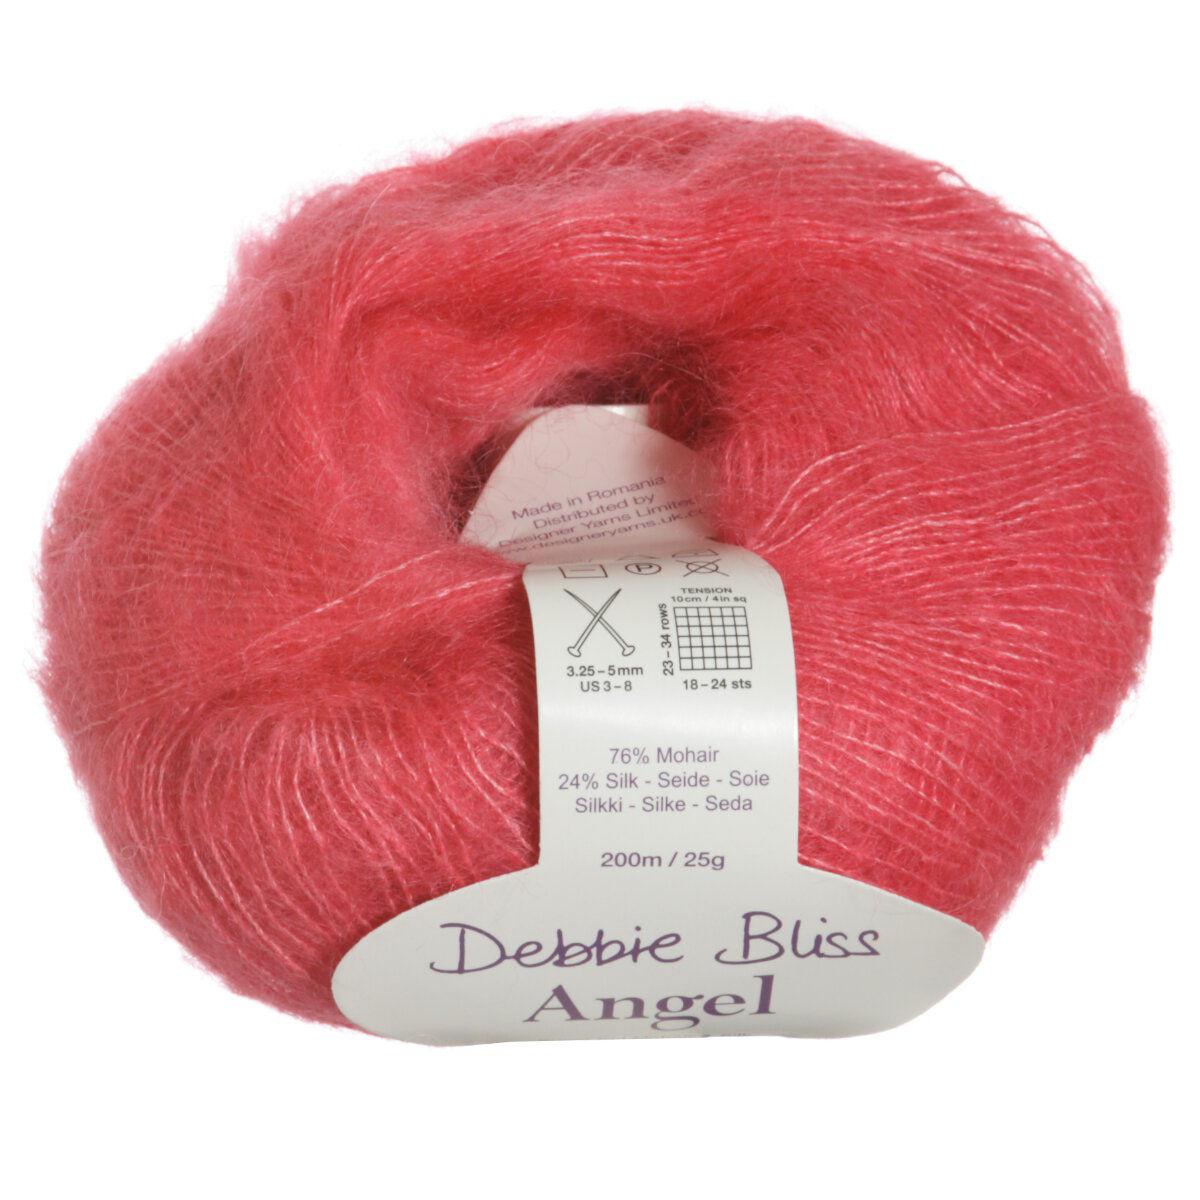 Knitting Patterns Debbie Bliss Angel : Debbie Bliss Angel Yarn at Jimmy Beans Wool